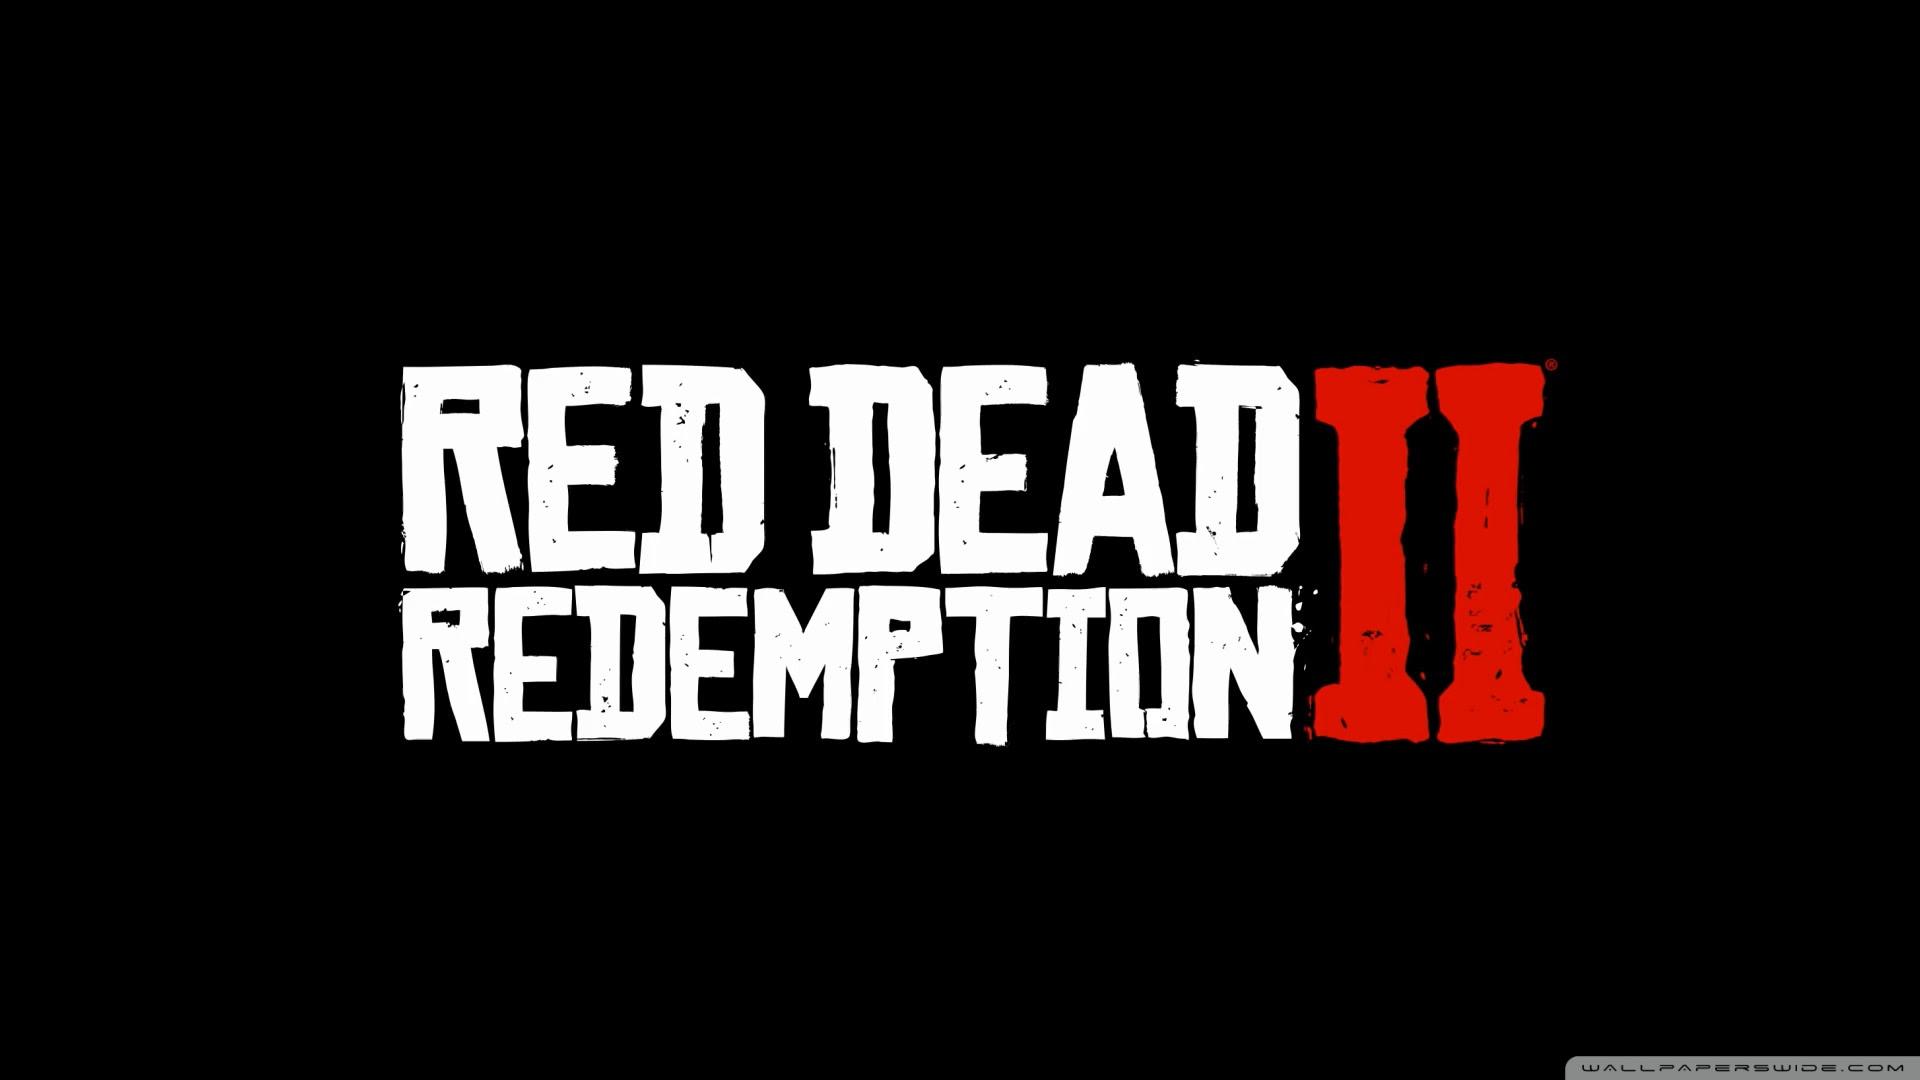 Red Dead Redemption 2 Ultra Hd Desktop Background Wallpaper For 4k